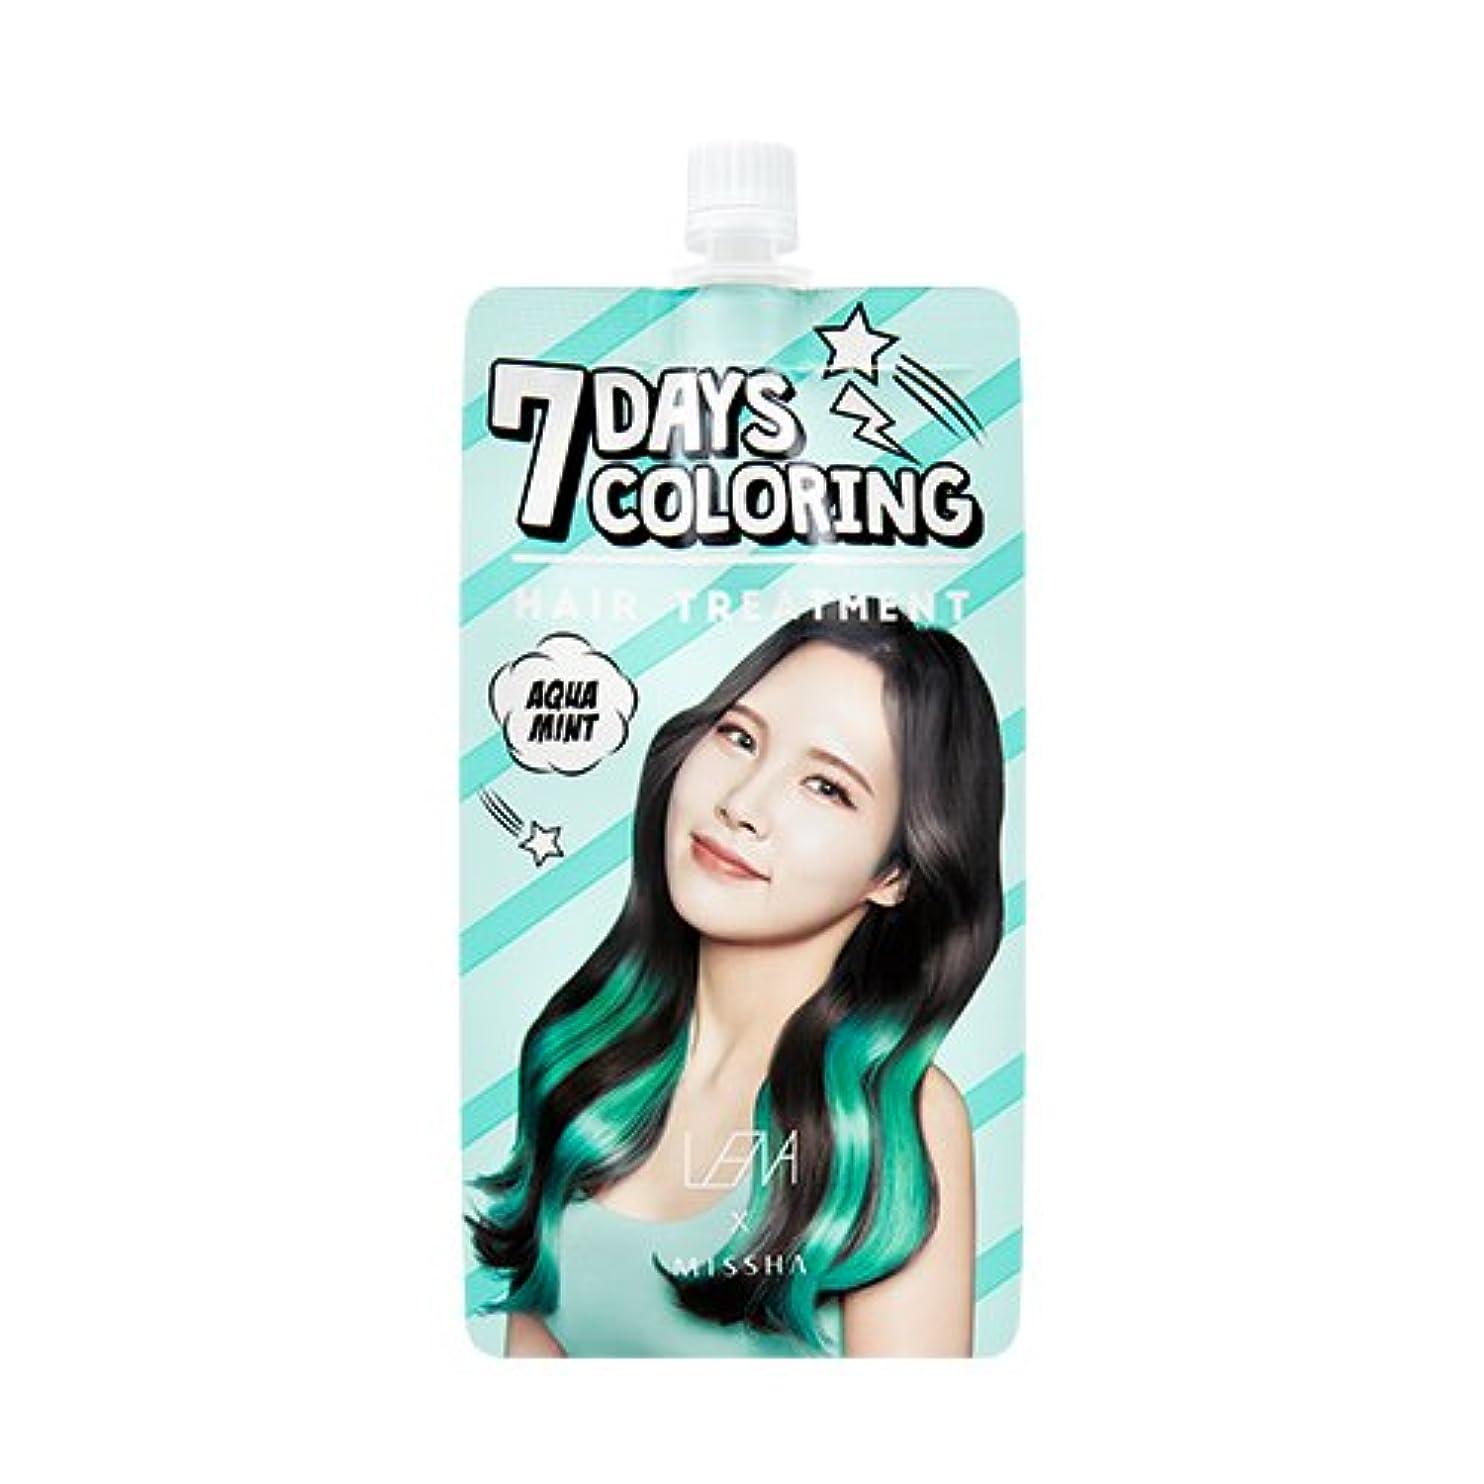 出席火山学者一晩MISSHA Seven Days Coloring Hair Treatment #Aquamint -LENA Edition /ミシャ セブンデイズカラーリングヘアトリートメント - レナエディション (アクアミント...